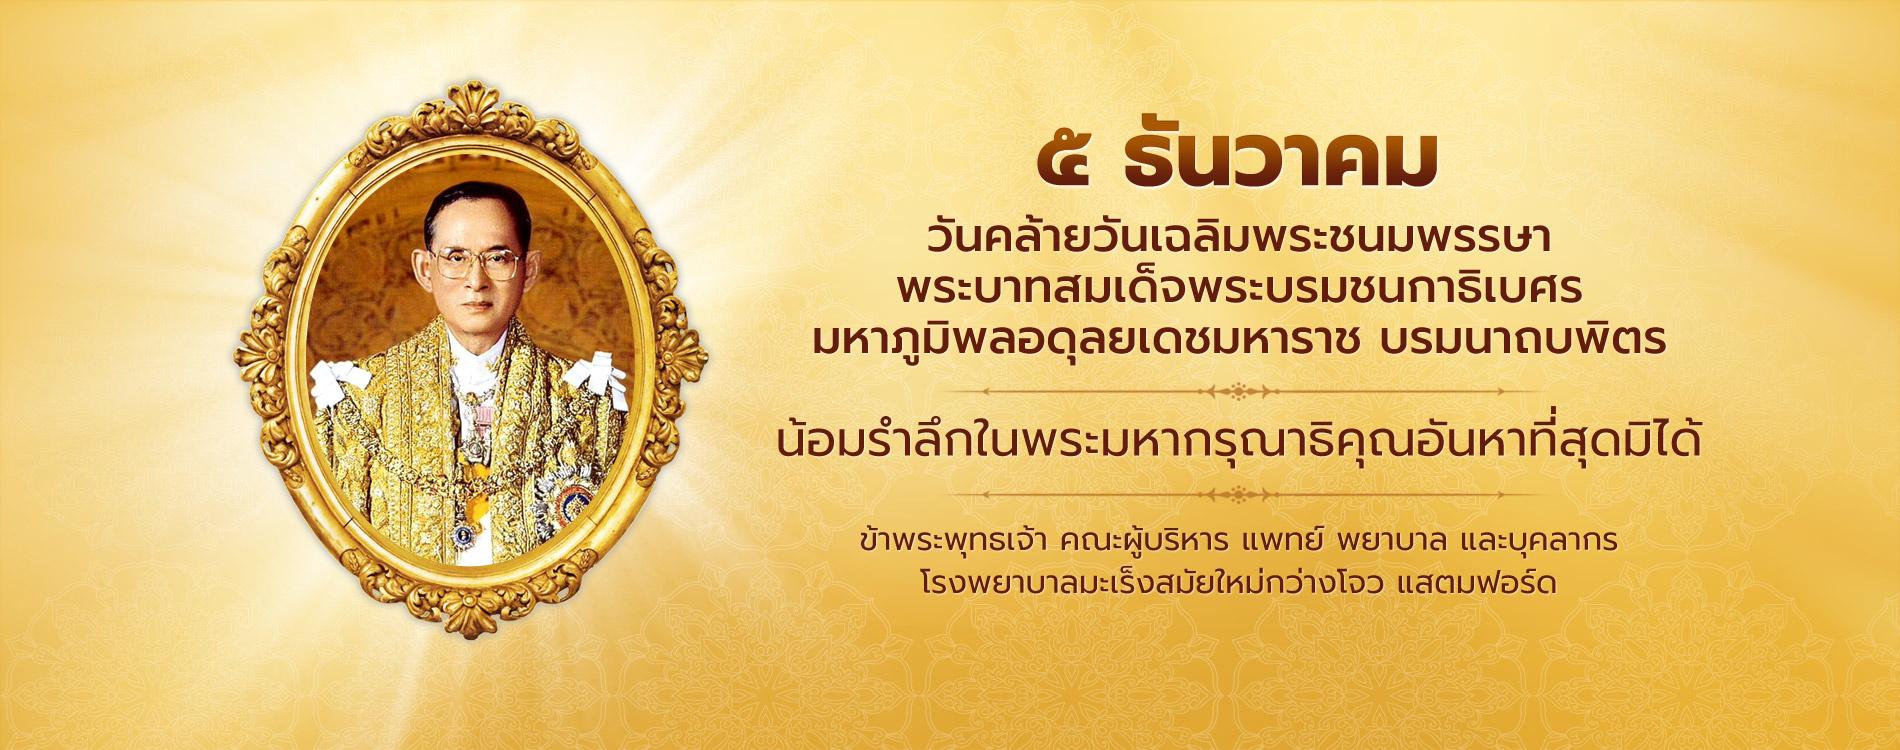 https://www.moderncancerthai.com/banner/6841.html